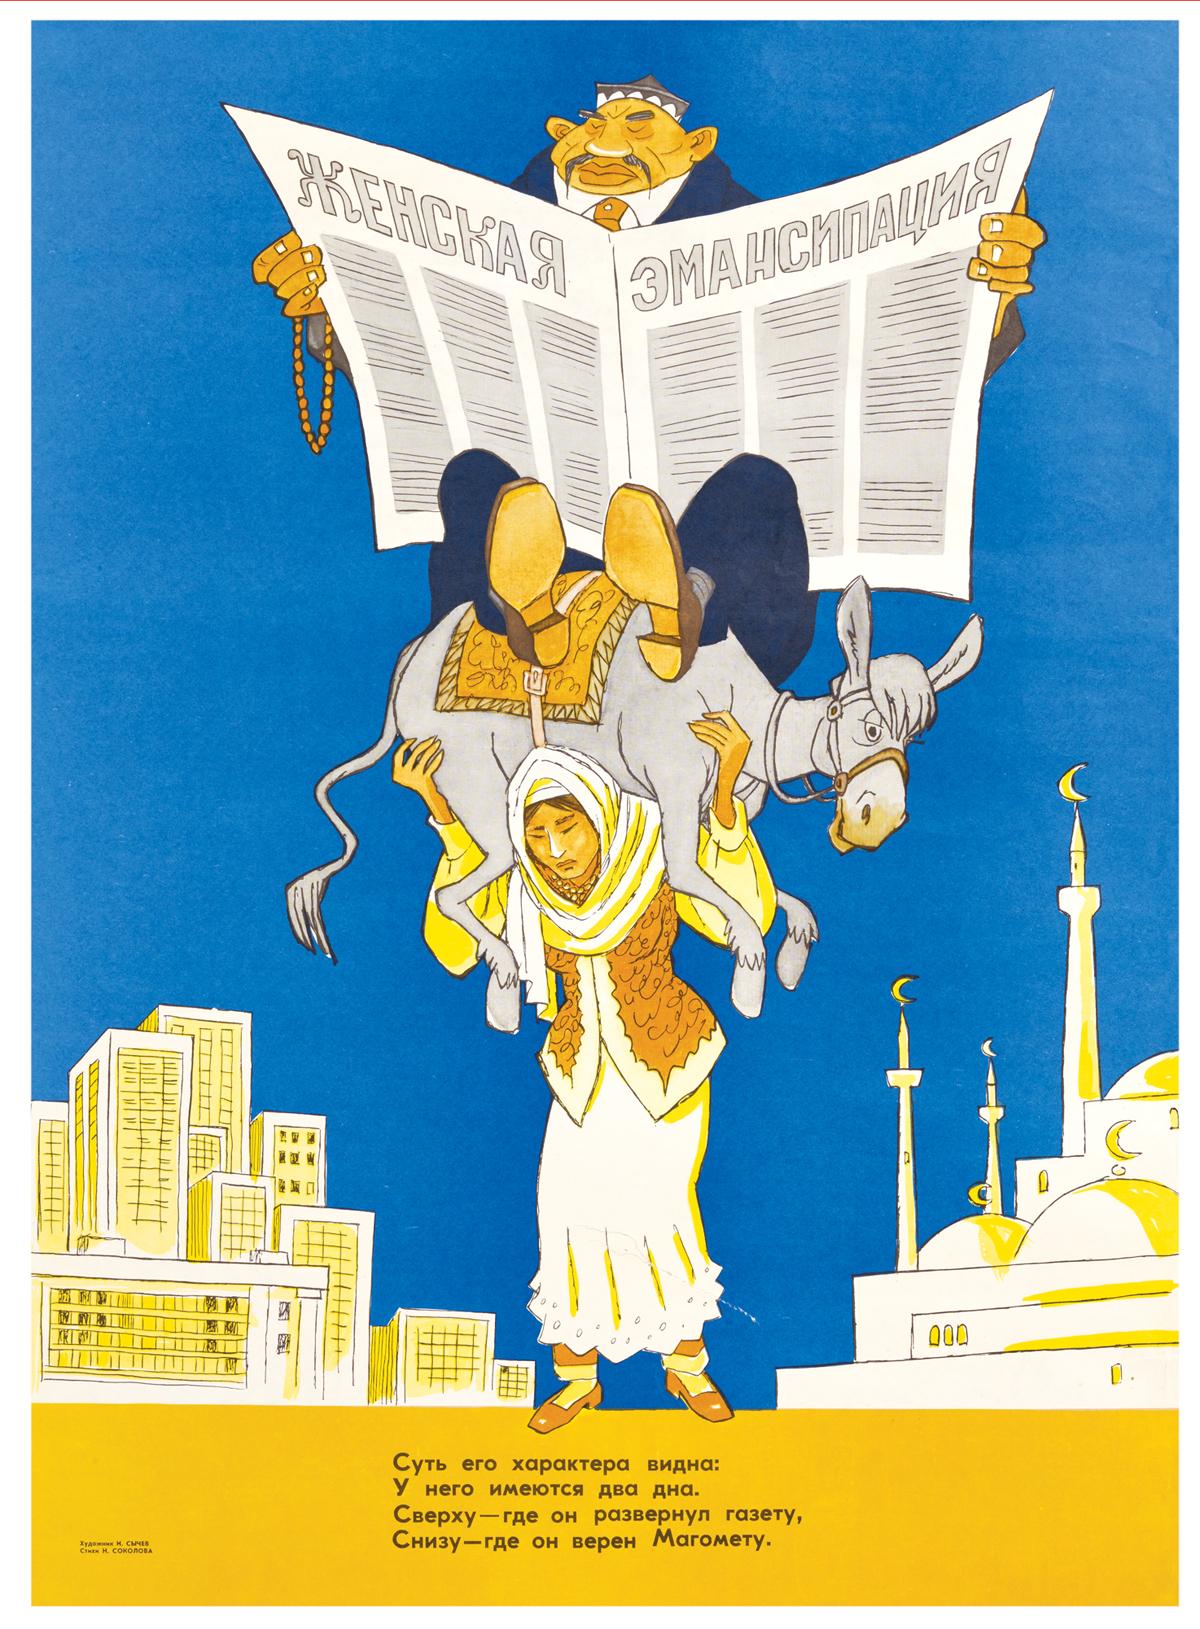 Η σοβιετική νομενκλατούρα δεν έκανε διακρίσεις (παρά μόνο για πάρτη της): εκτός από τον ρωσικό χριστιανισμό, χτυπούσε και τον ασιατικό μωαμεθανισμό – εδώ το πρόσχημα είναι η παρεμπόδιση της γυναικείας χειραφέτησης (Αφίσα από «γυναικείο περιοδικό», 1977)